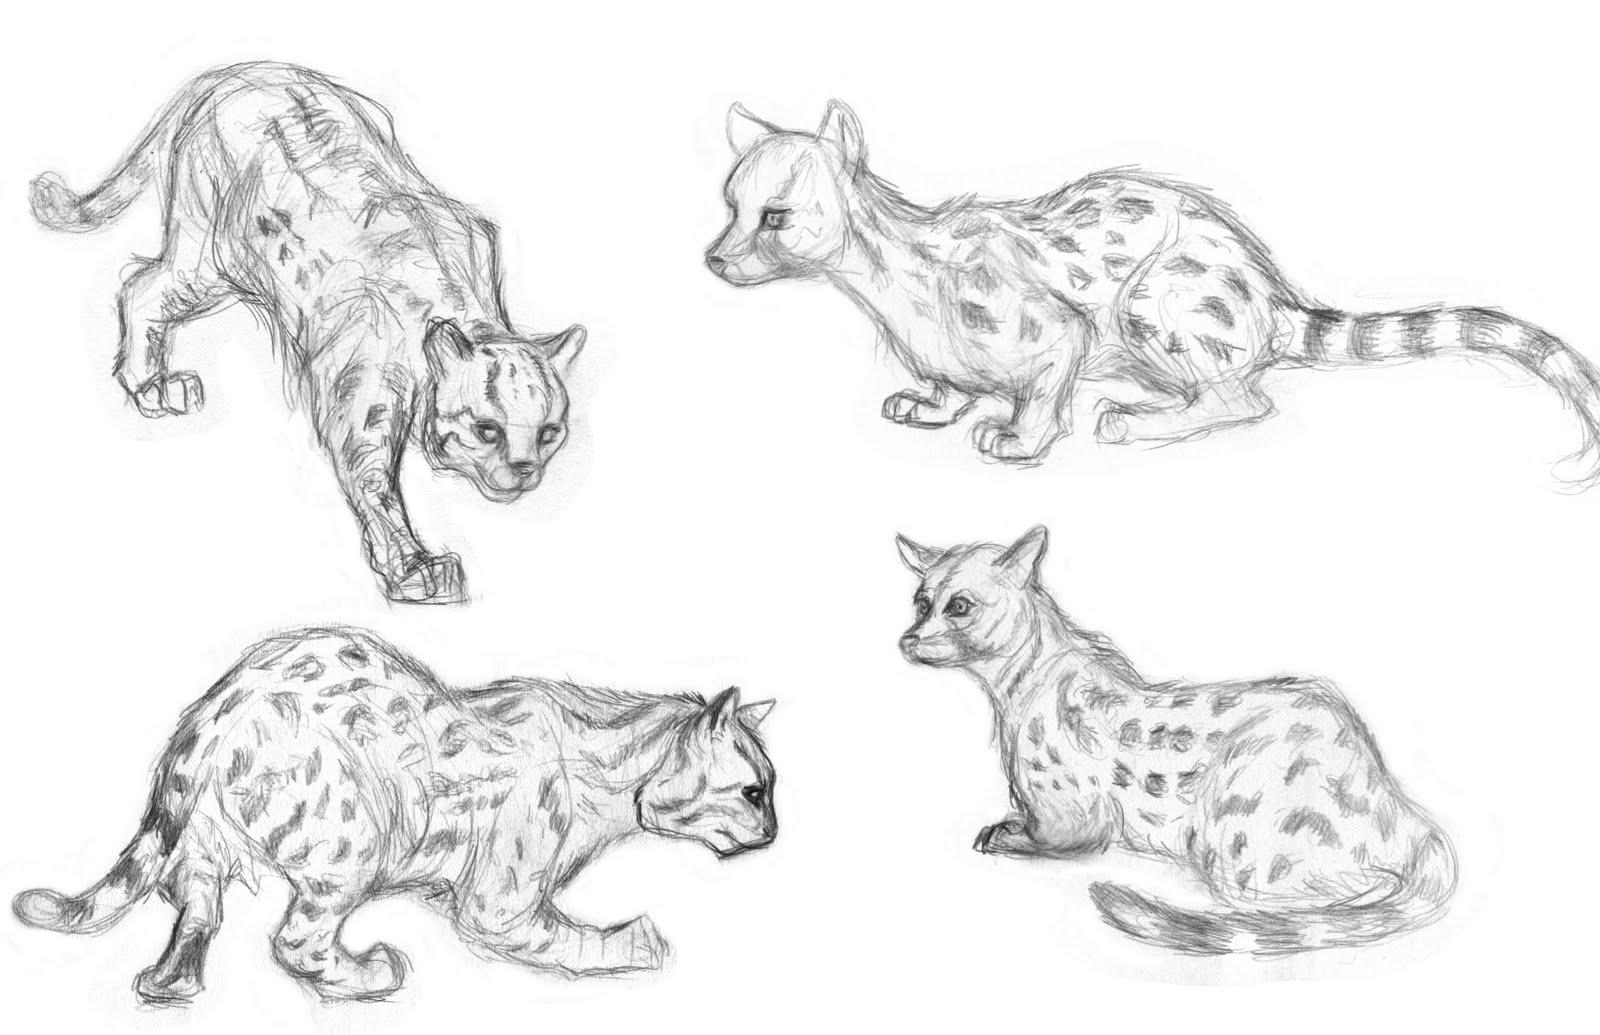 animals animal drawings exotic draw drawing sketches tekeningen dieren